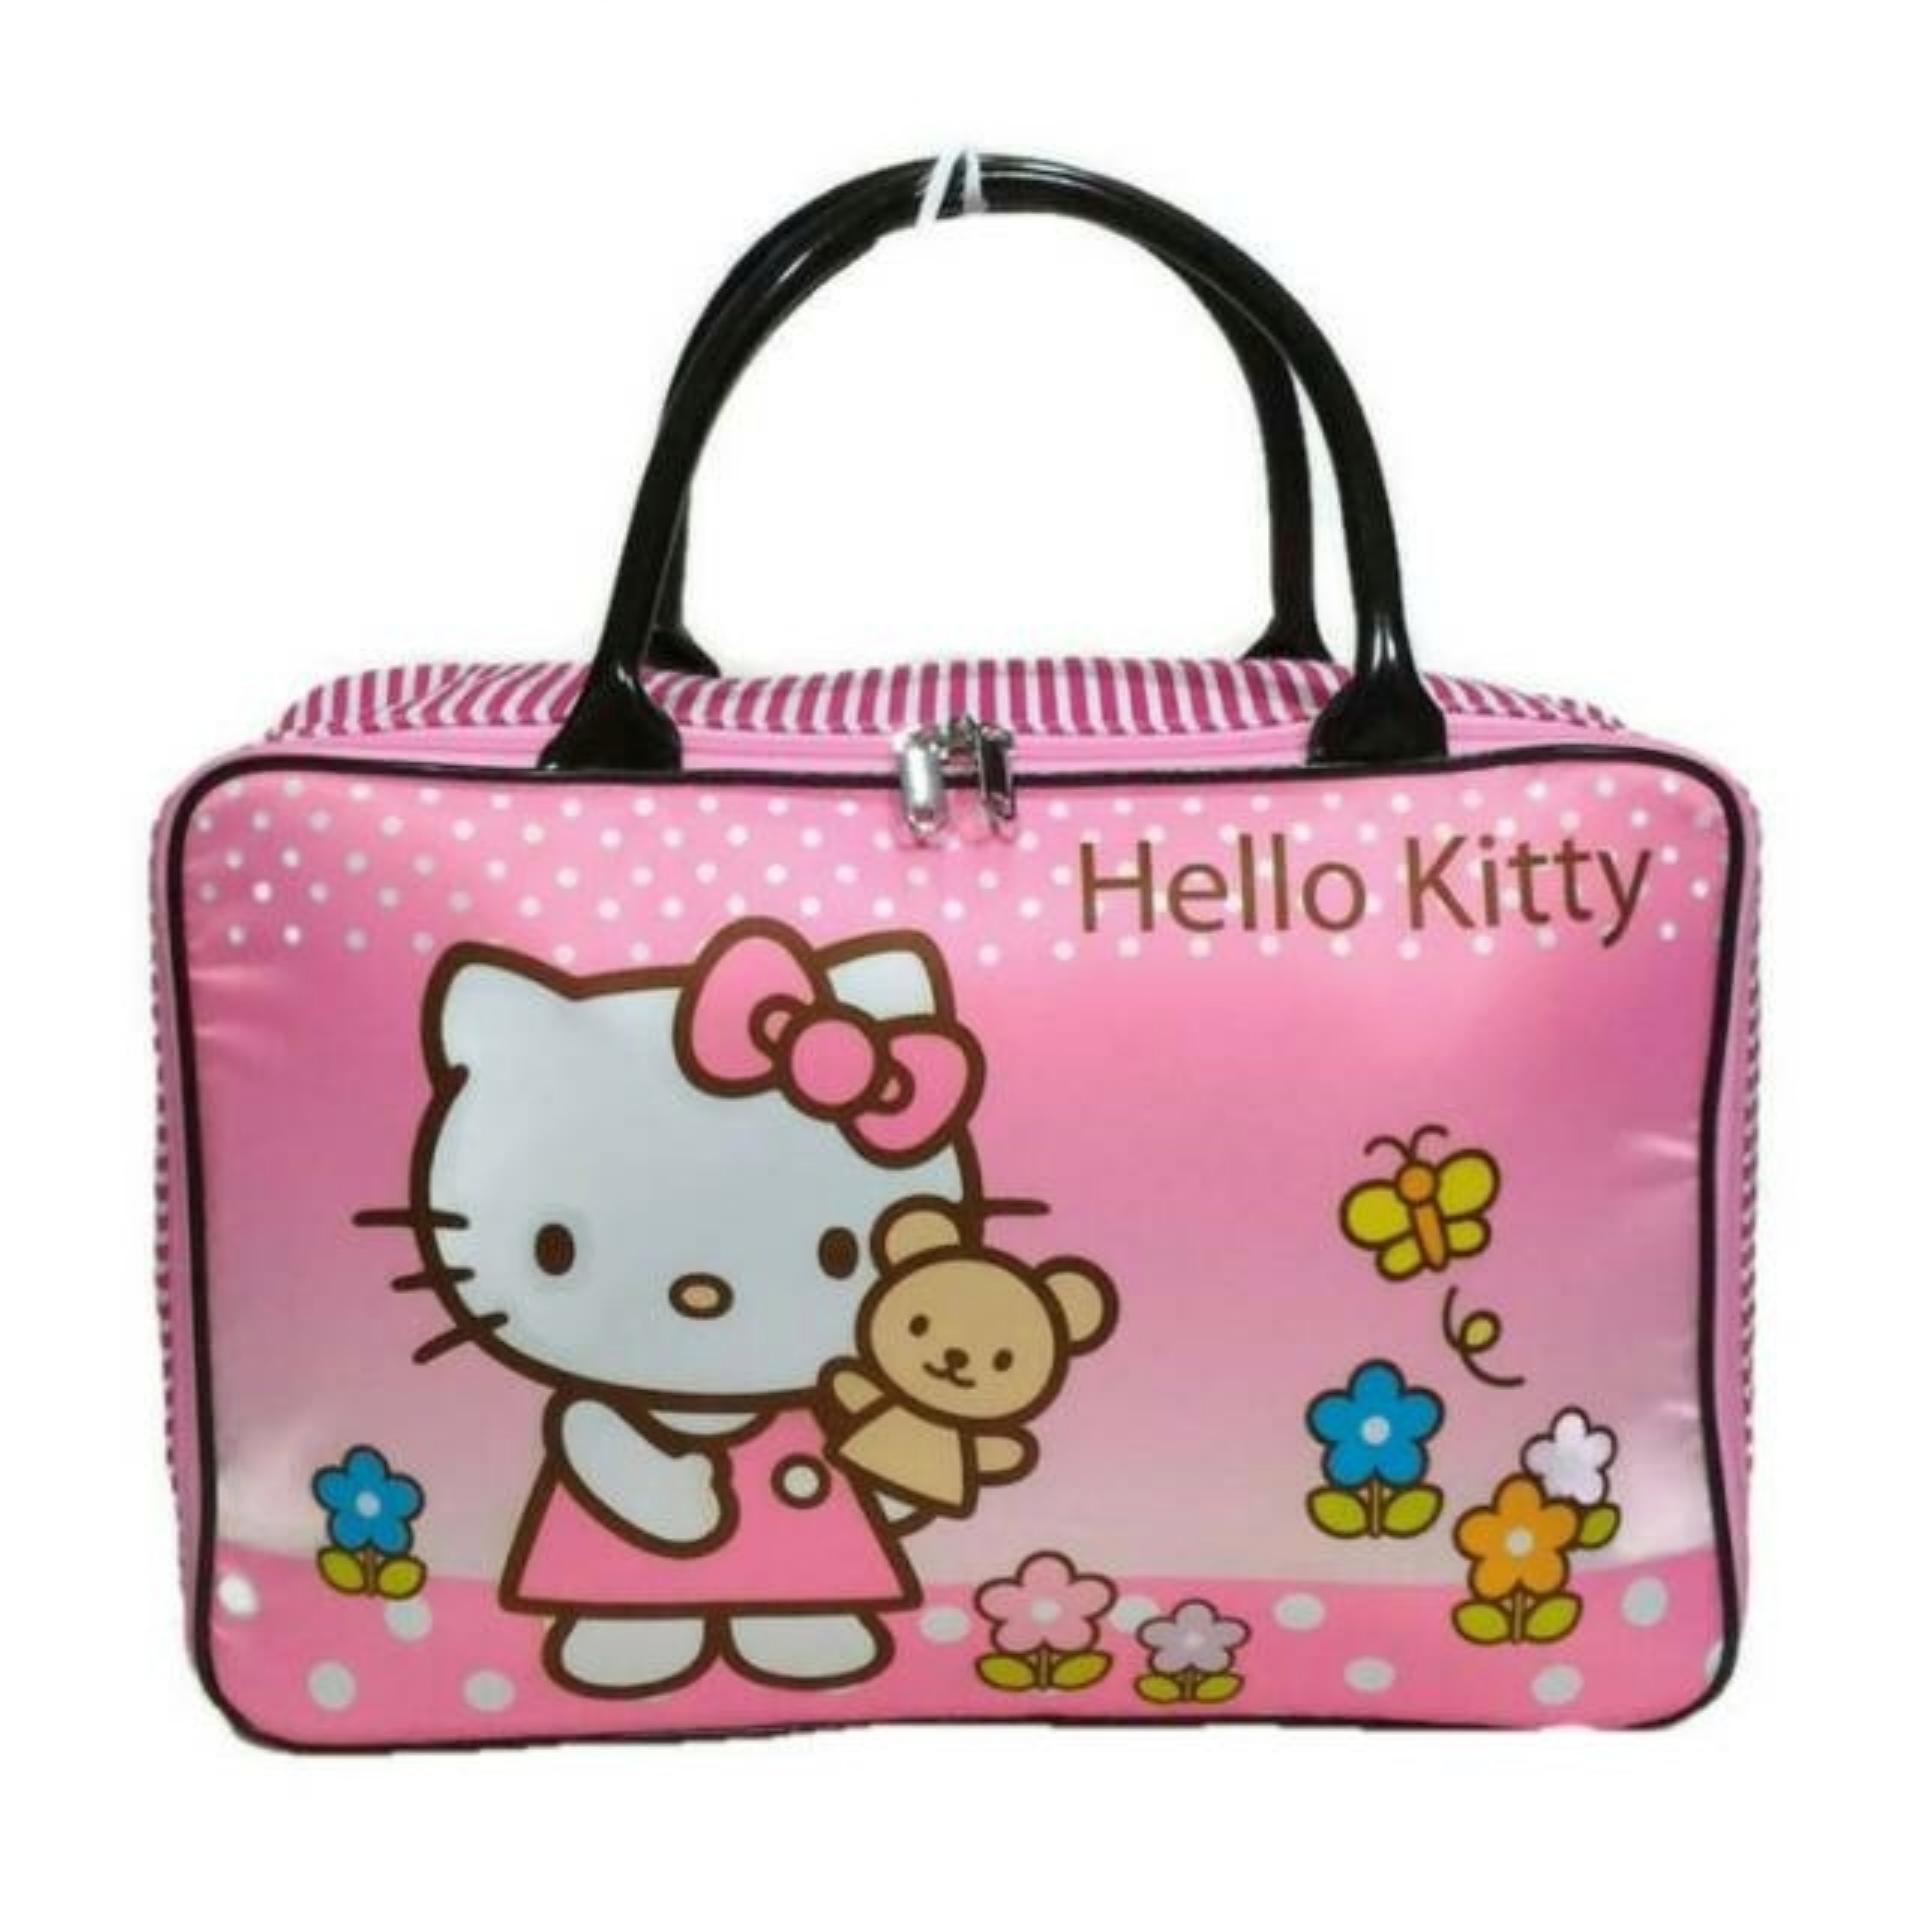 Amt Travel Bag Koper Anak Kanvas Boneka Pita Pink By Baby Kiddies Corner.